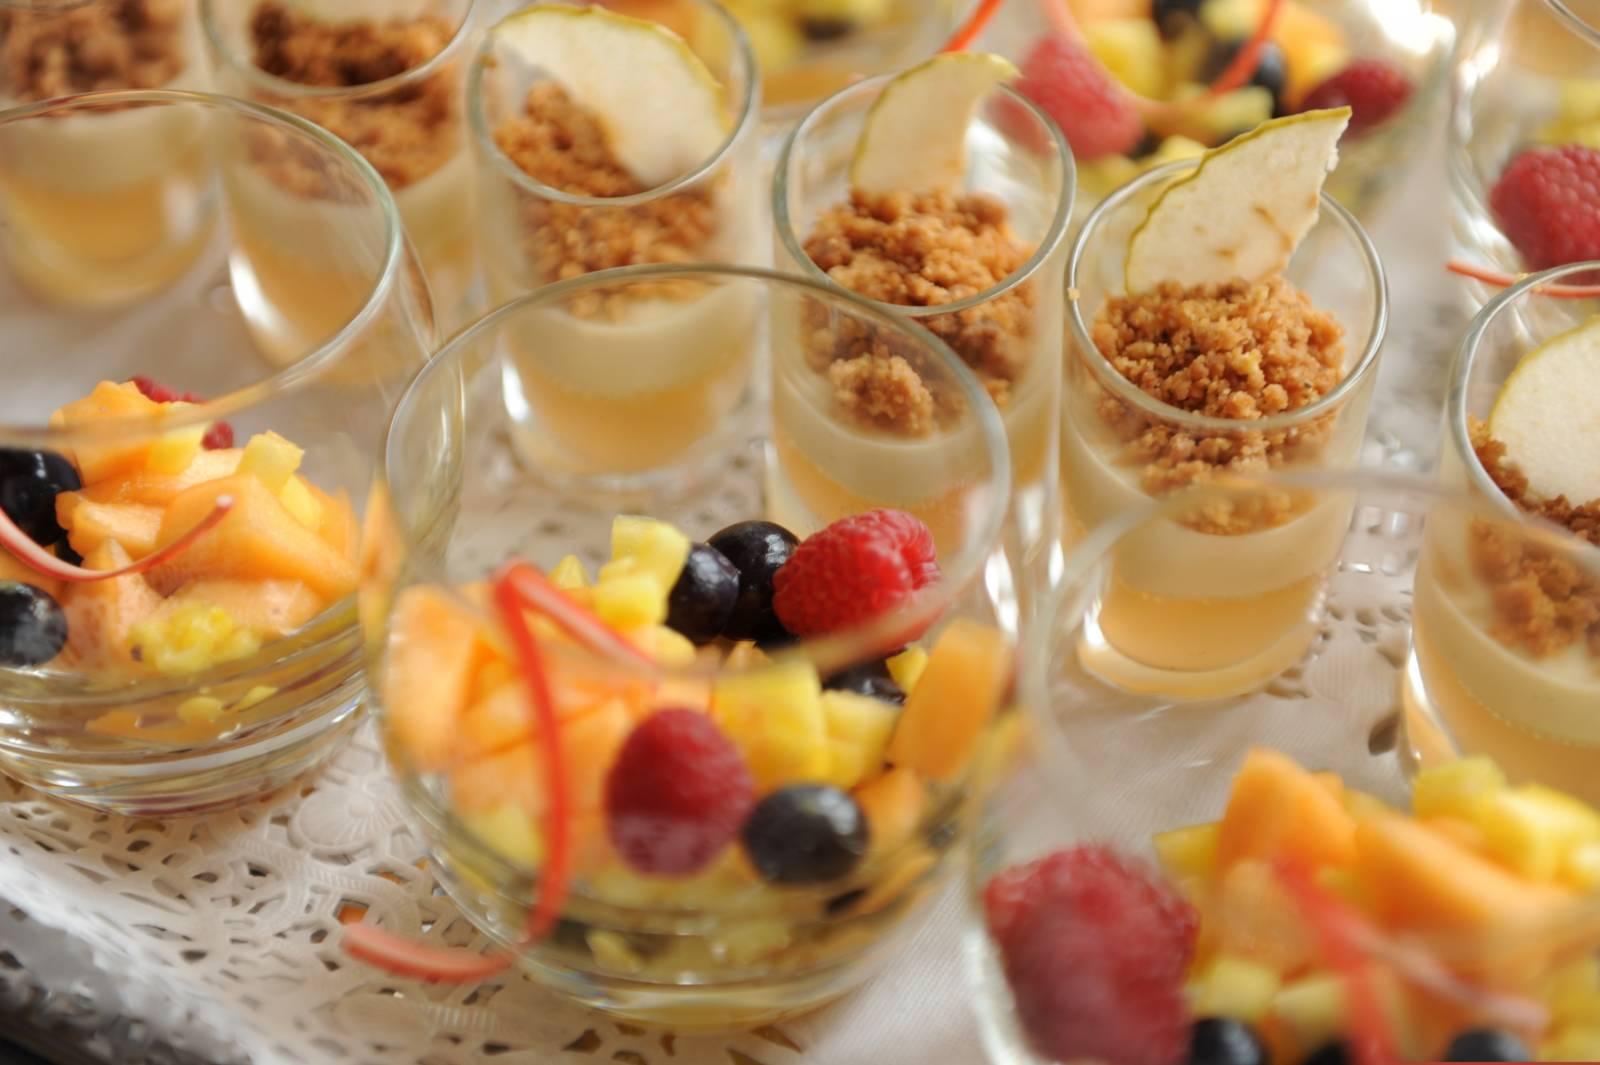 Domein Saint-Hubert - House of Weddings - Feestzaal Oost-Vlaanderen - Ronse - huwelijk - ceremonie catering (1)